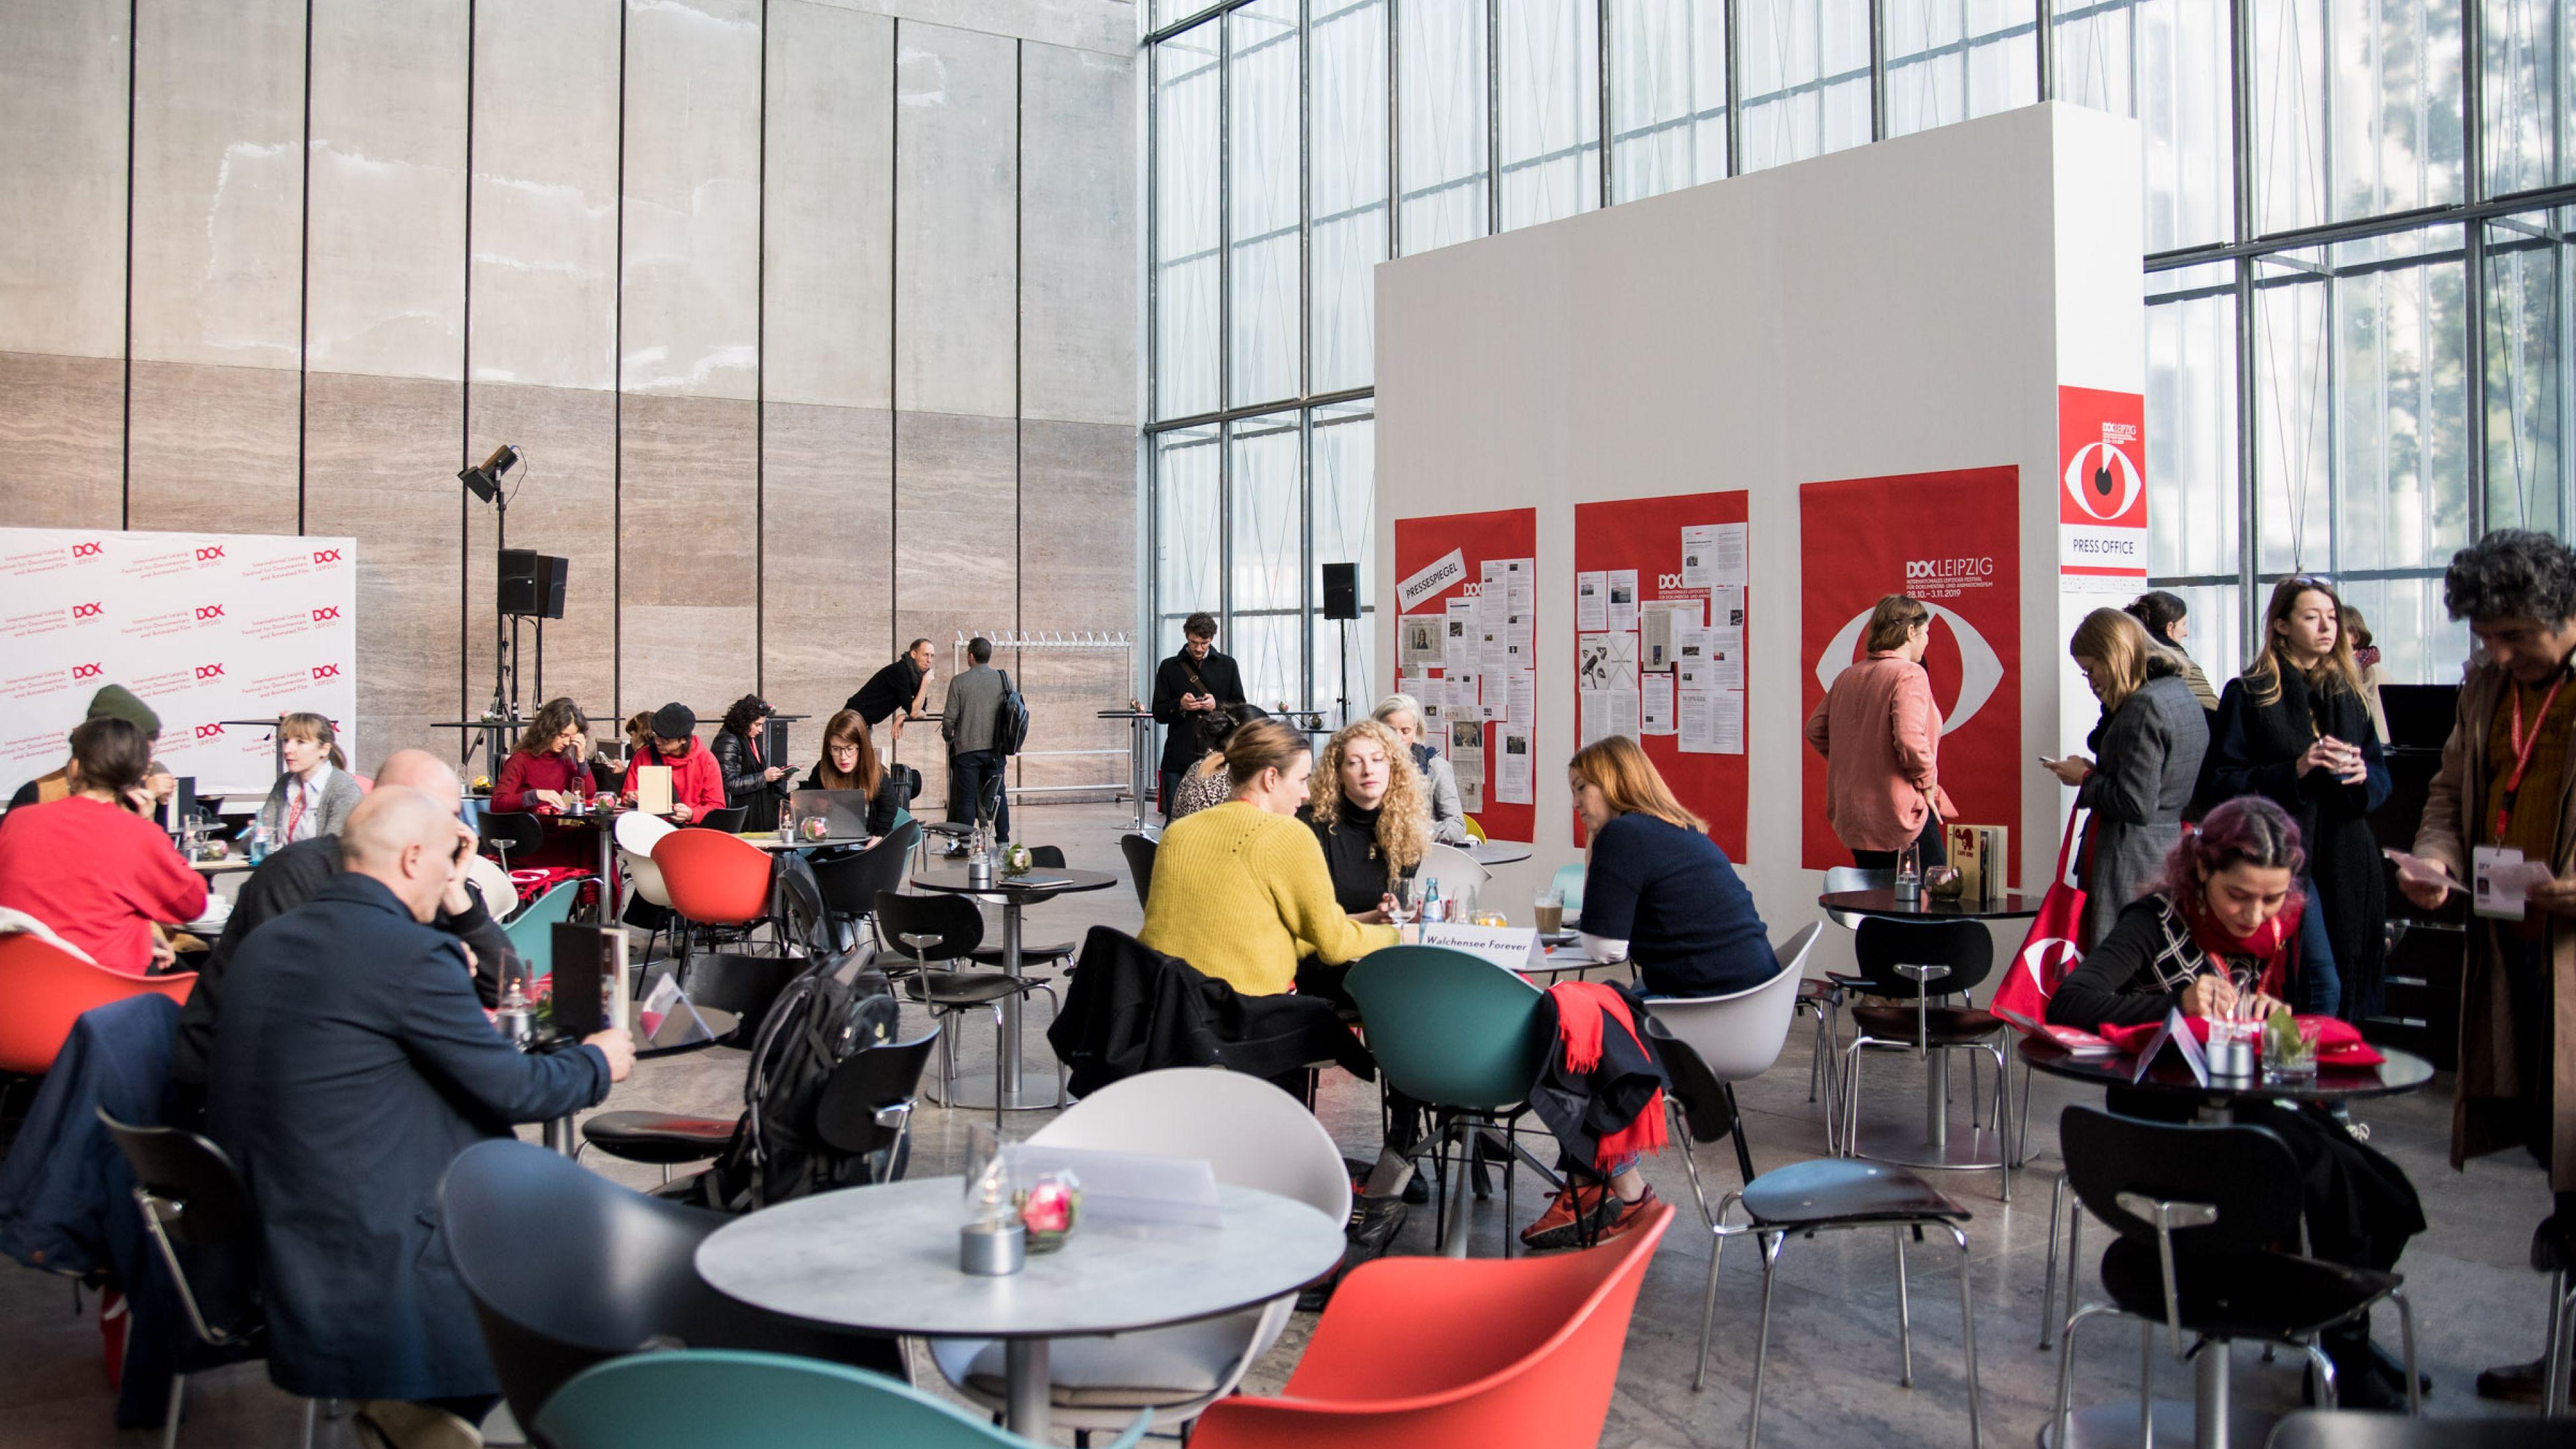 Das Festivalzentrum, viele Menschen sitzen an runden Tischen und trinken Kaffee